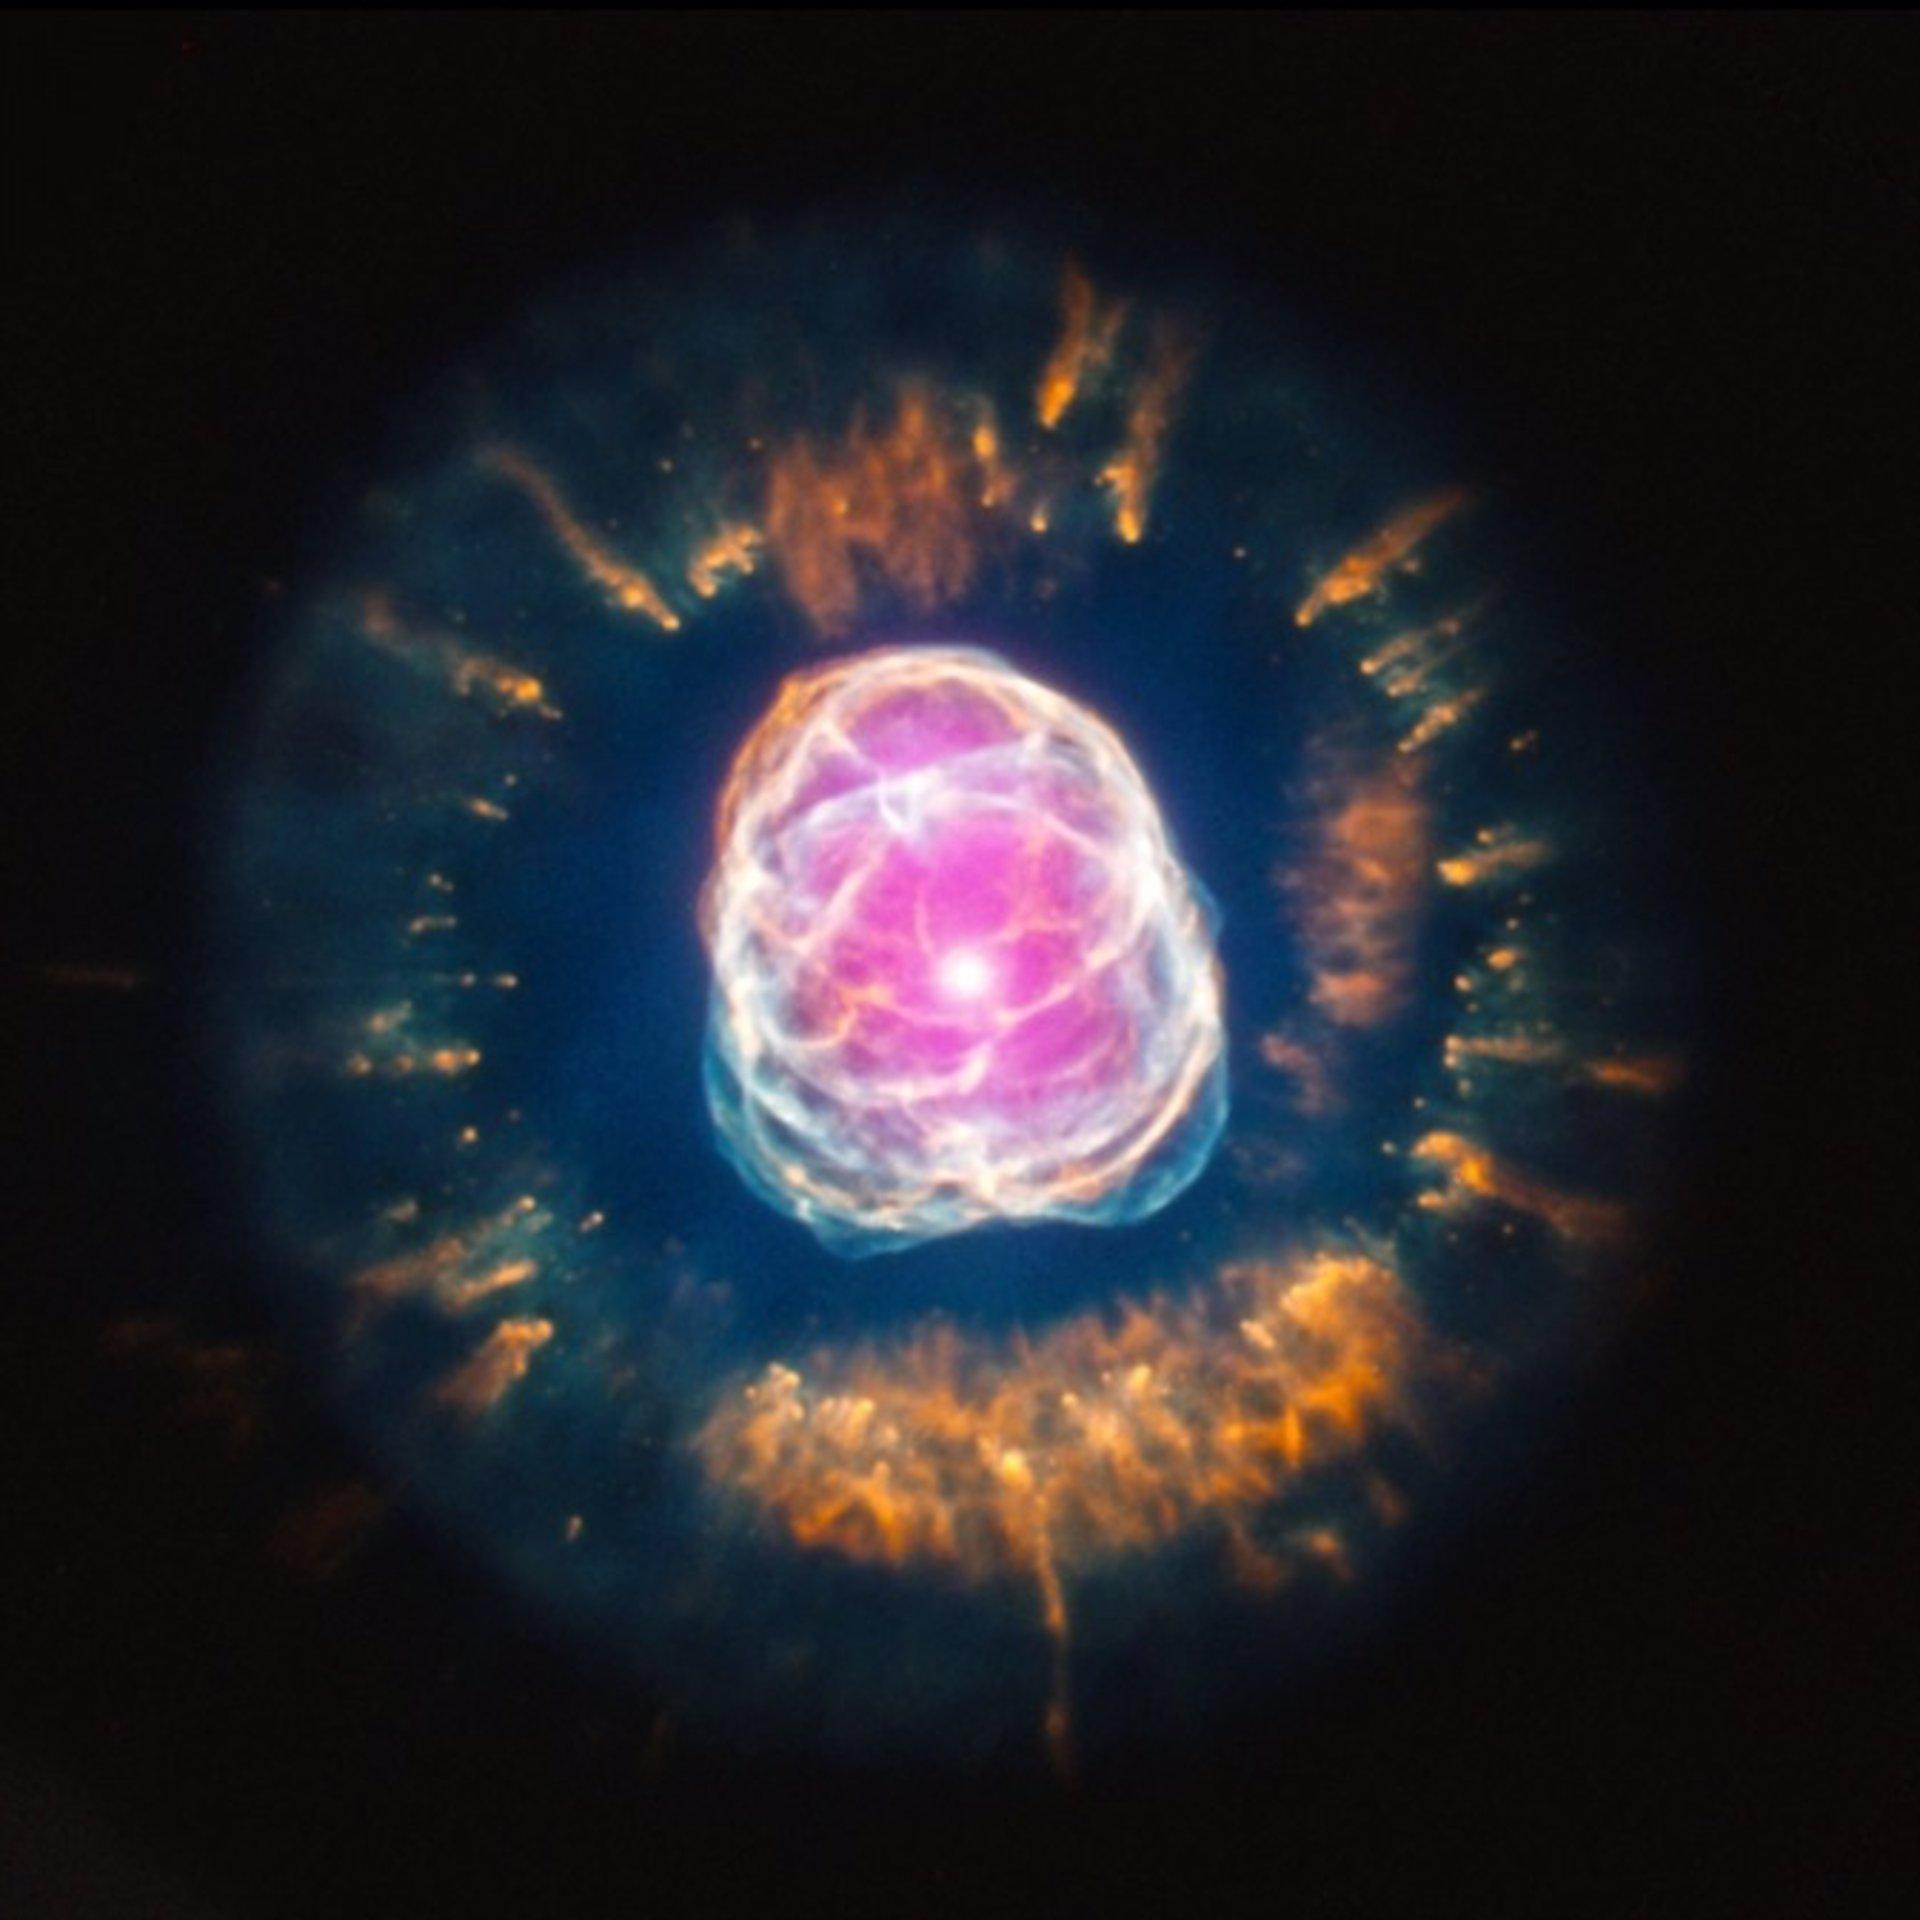 El telescopio Chandra muestra el fin de una estrella similar al Sol